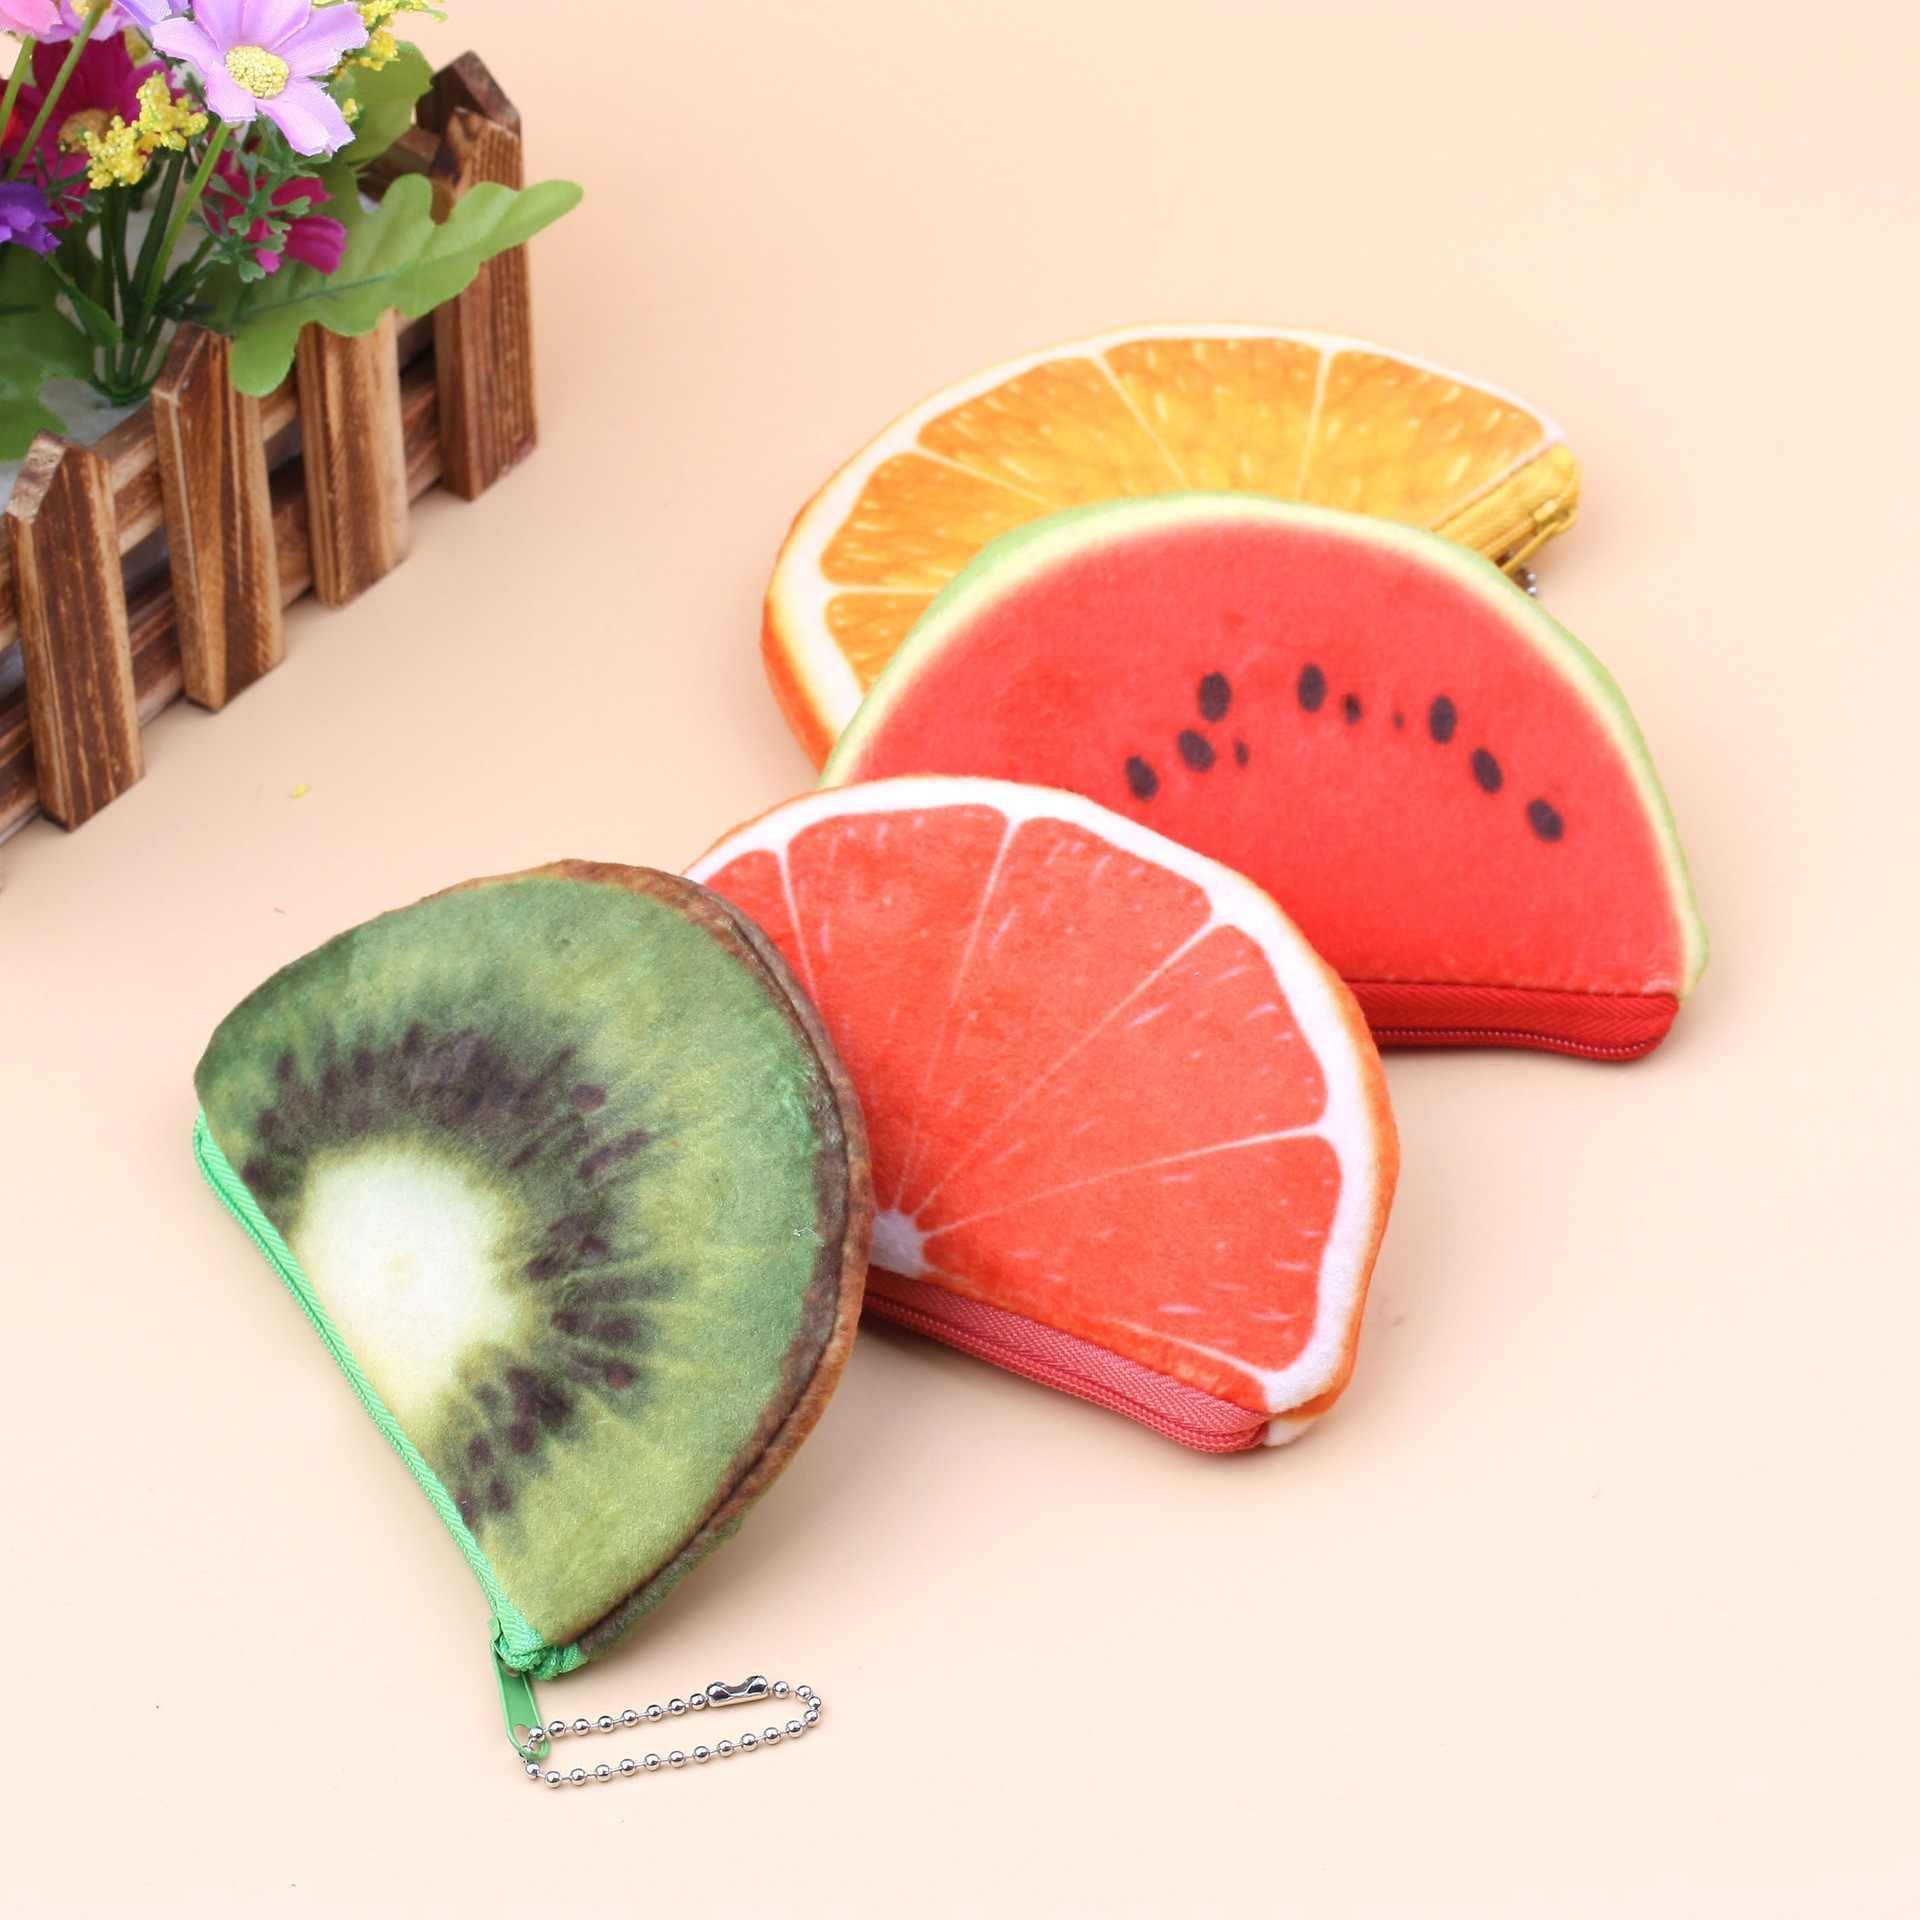 Frutas Forma Laranja Morango Melancia Bolsas De Pelúcia Brinquedos de Pelúcia Crianças Meninas Bolso Bolsa Chaveiro para Presentes de Ano Novo